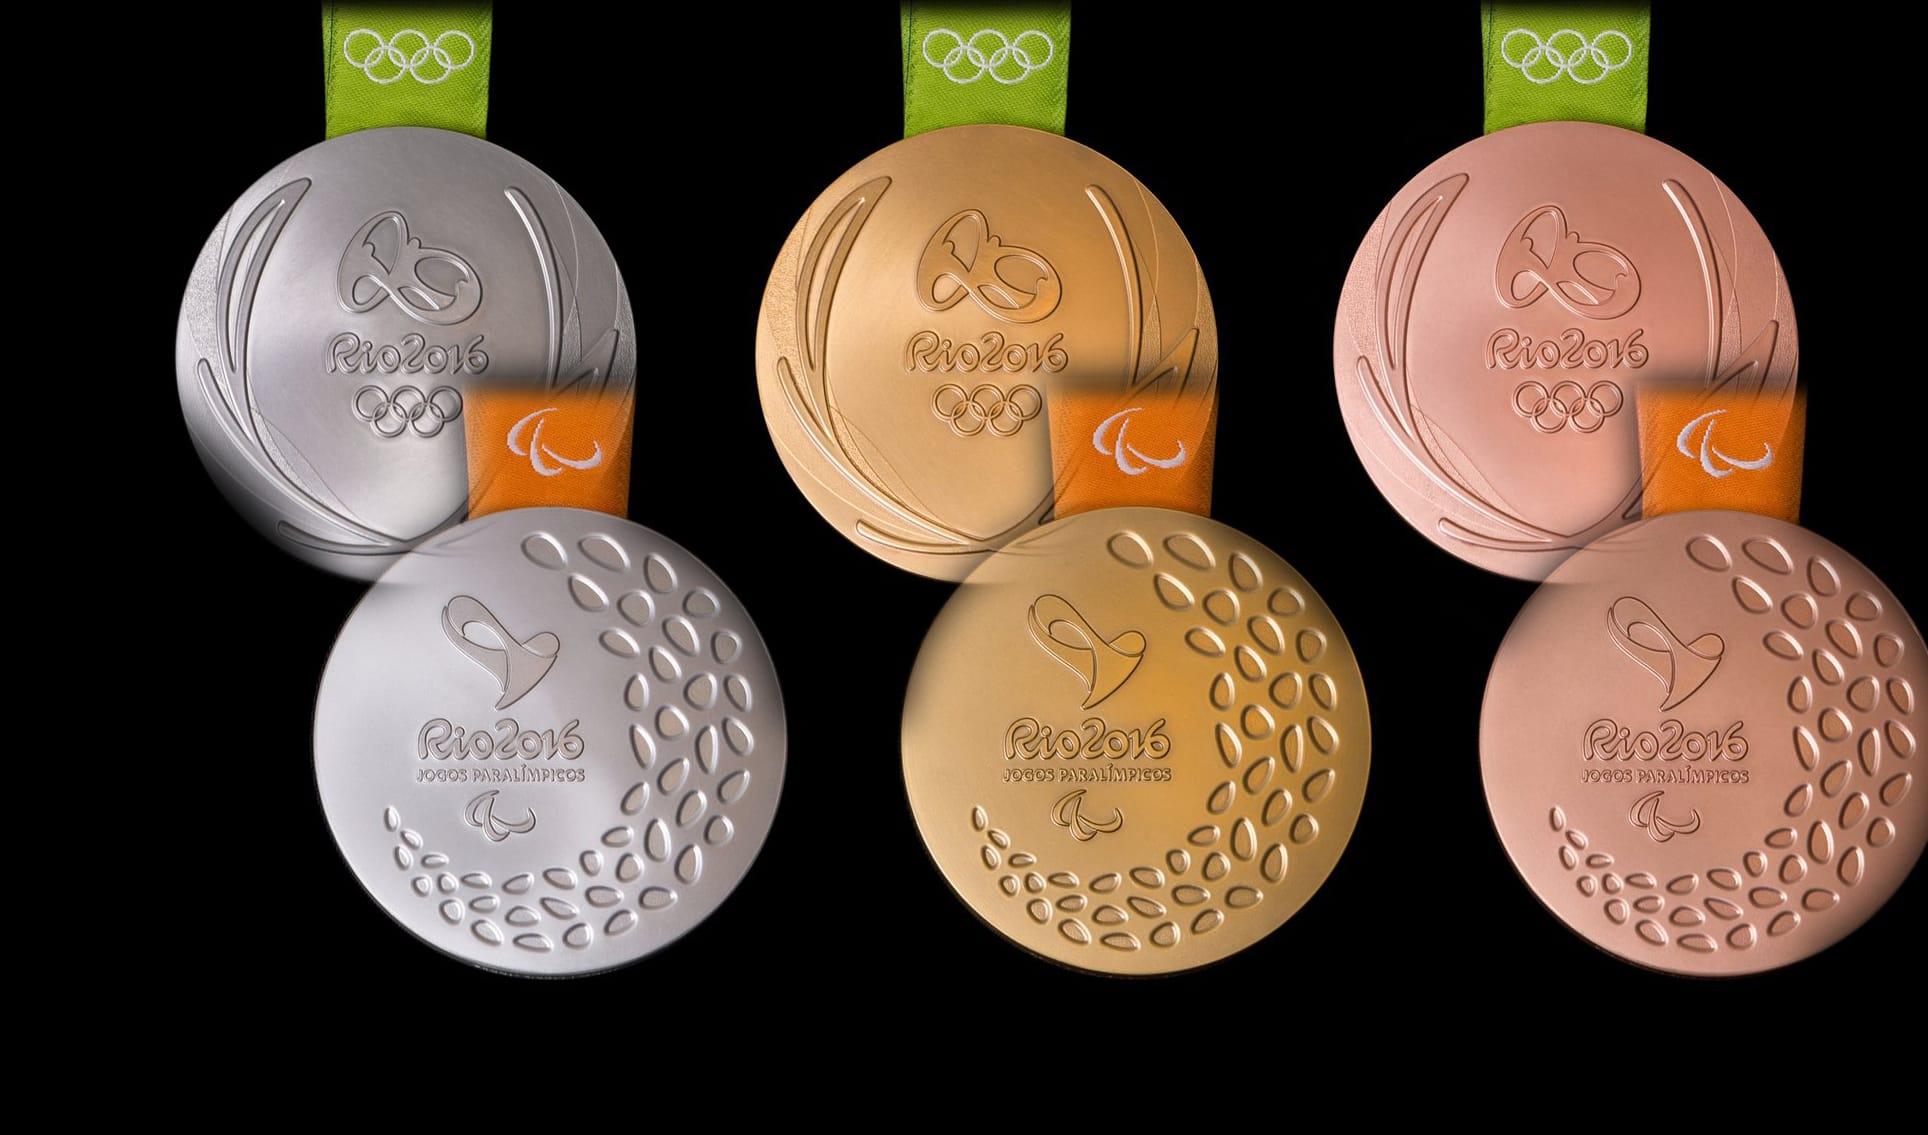 50 giorni a Rio ecco le Medaglie!